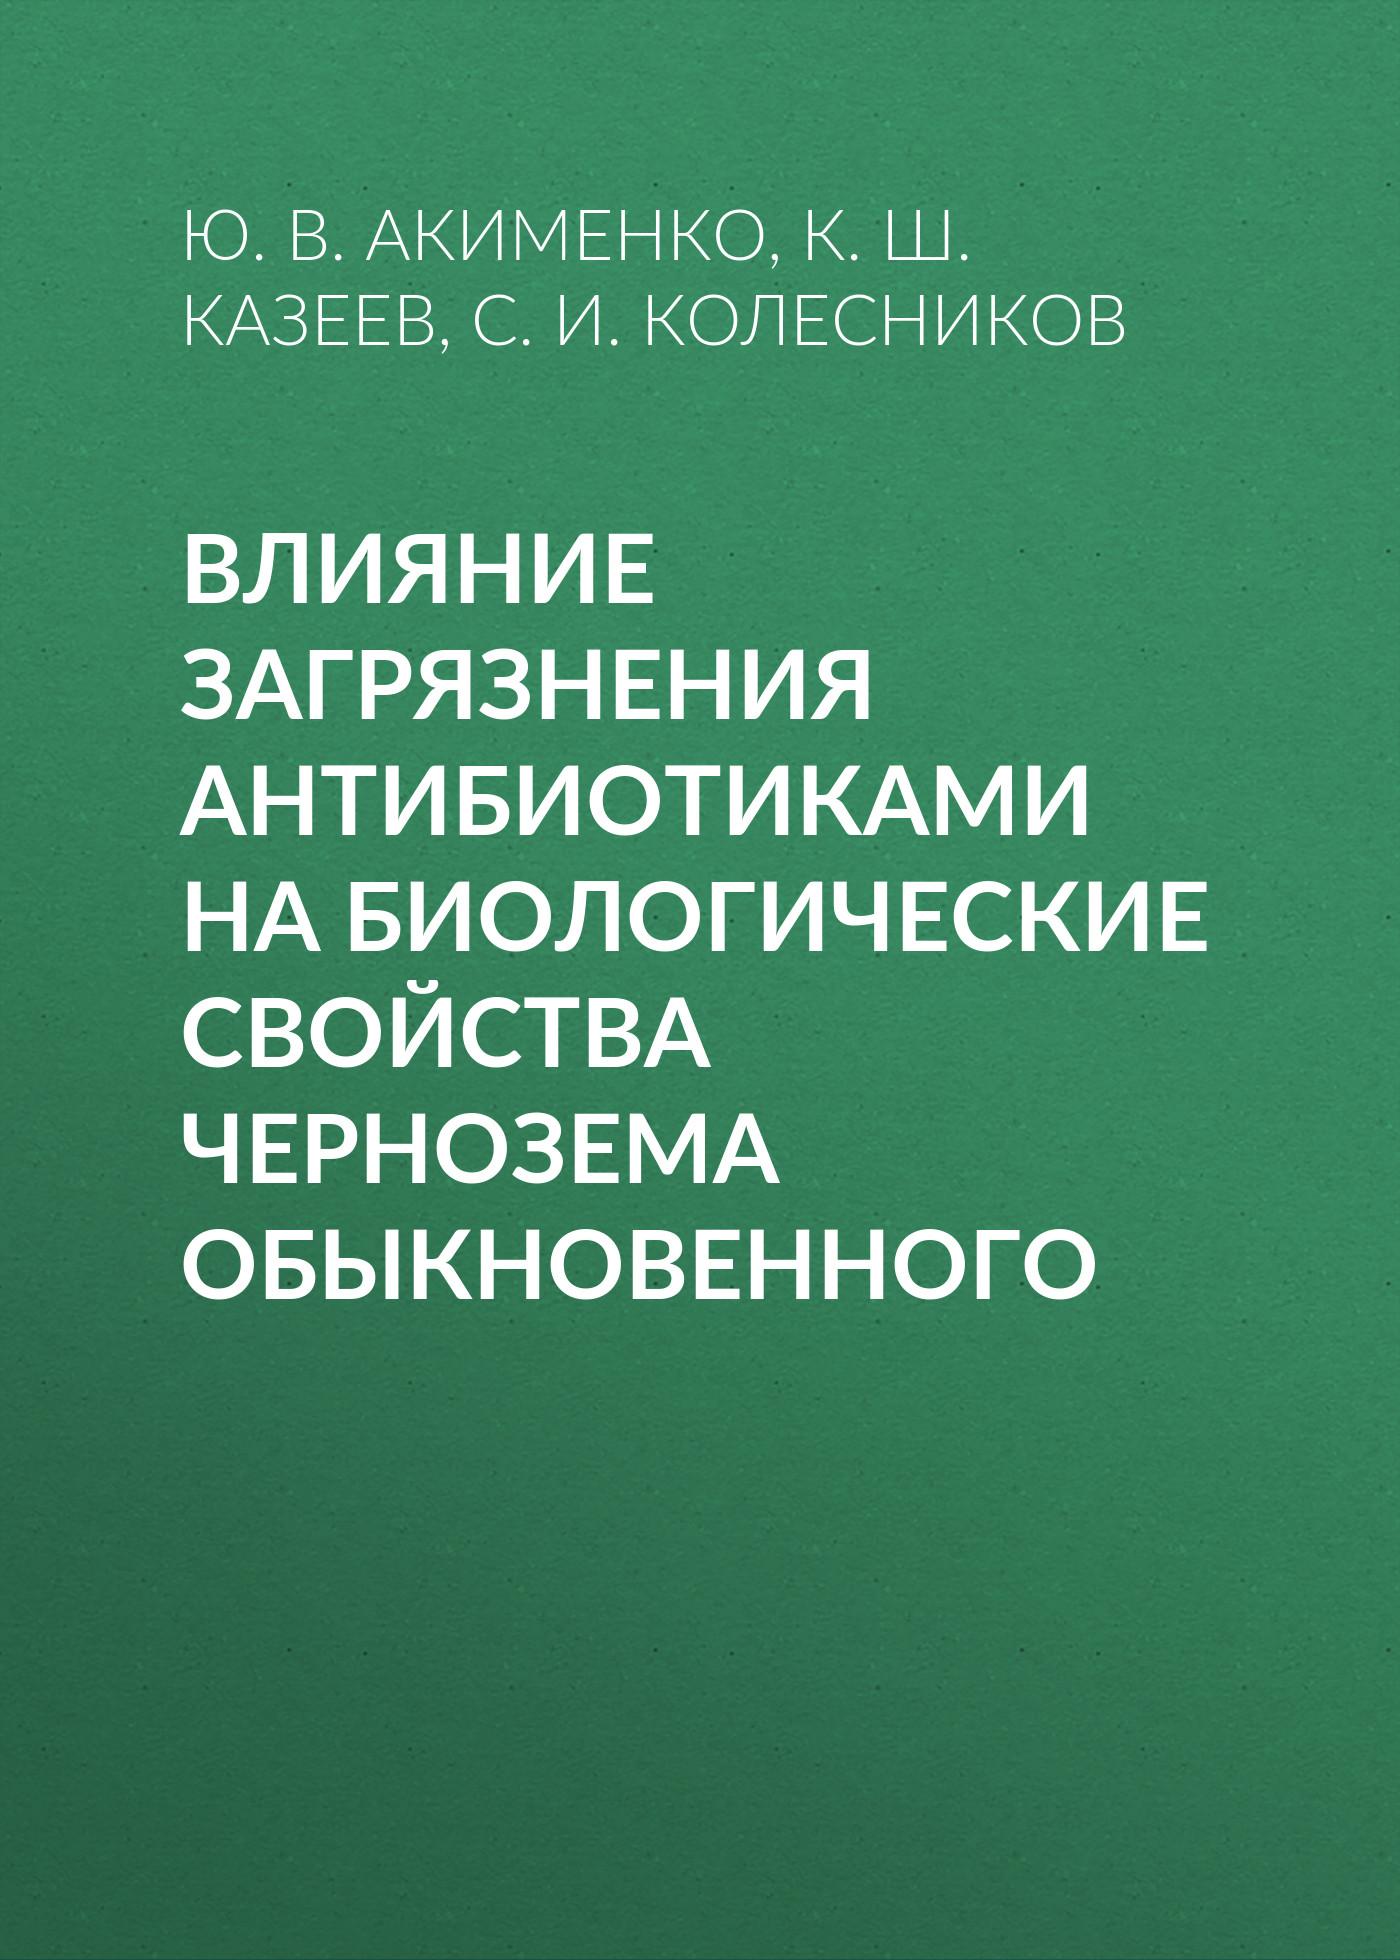 Ю. В. Акименко Влияние загрязнения антибиотиками на биологические свойства чернозема обыкновенного с и колесников влияние оглеения на эколого биологические свойства переувлажненных почв юга россии